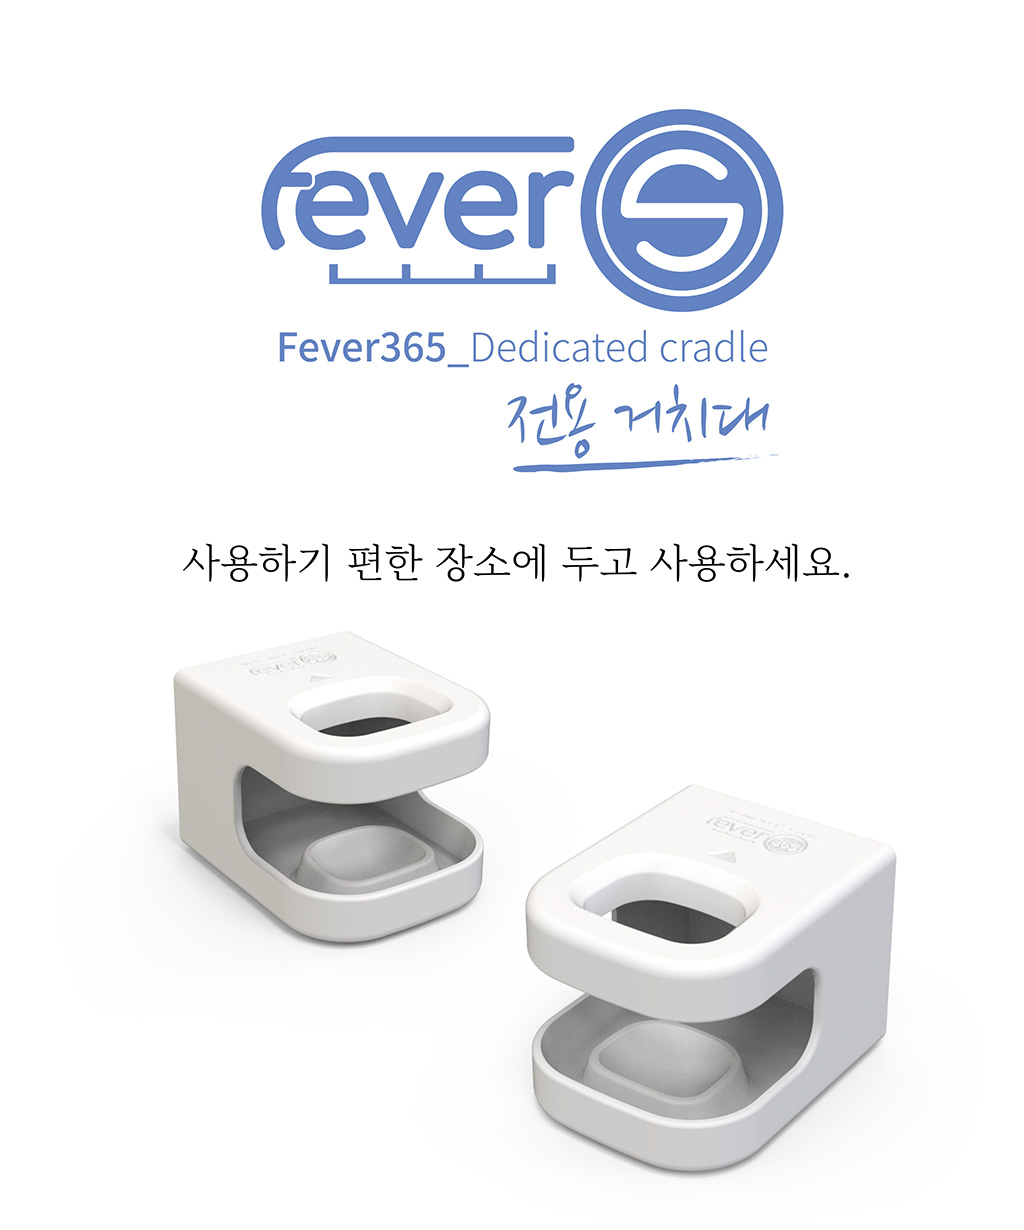 Fever-S_상세페이지_kr_0309_01.jpg